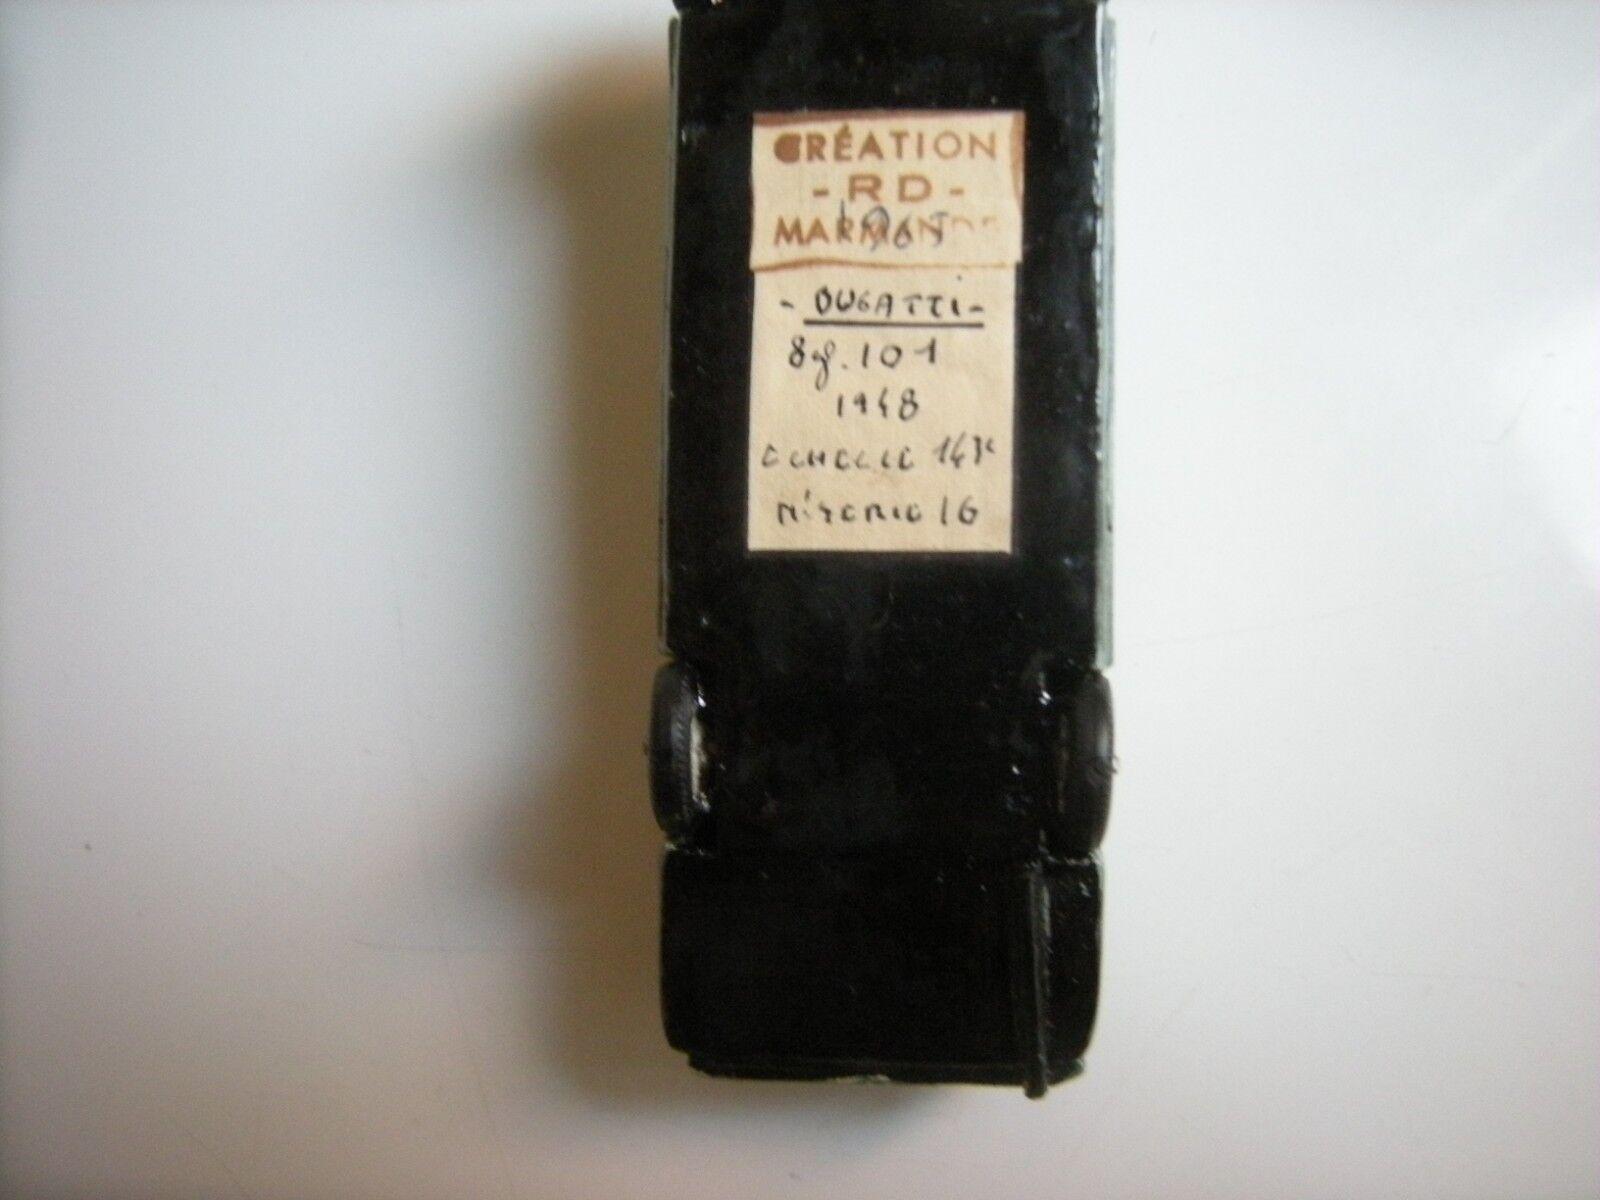 Des chaussures chaussures chaussures personnalisées vous  ent de la personnalité 1/43 RD MARMANDE BUGATTI 101 8 cylindres 1948 | Pas Chers  f323a0